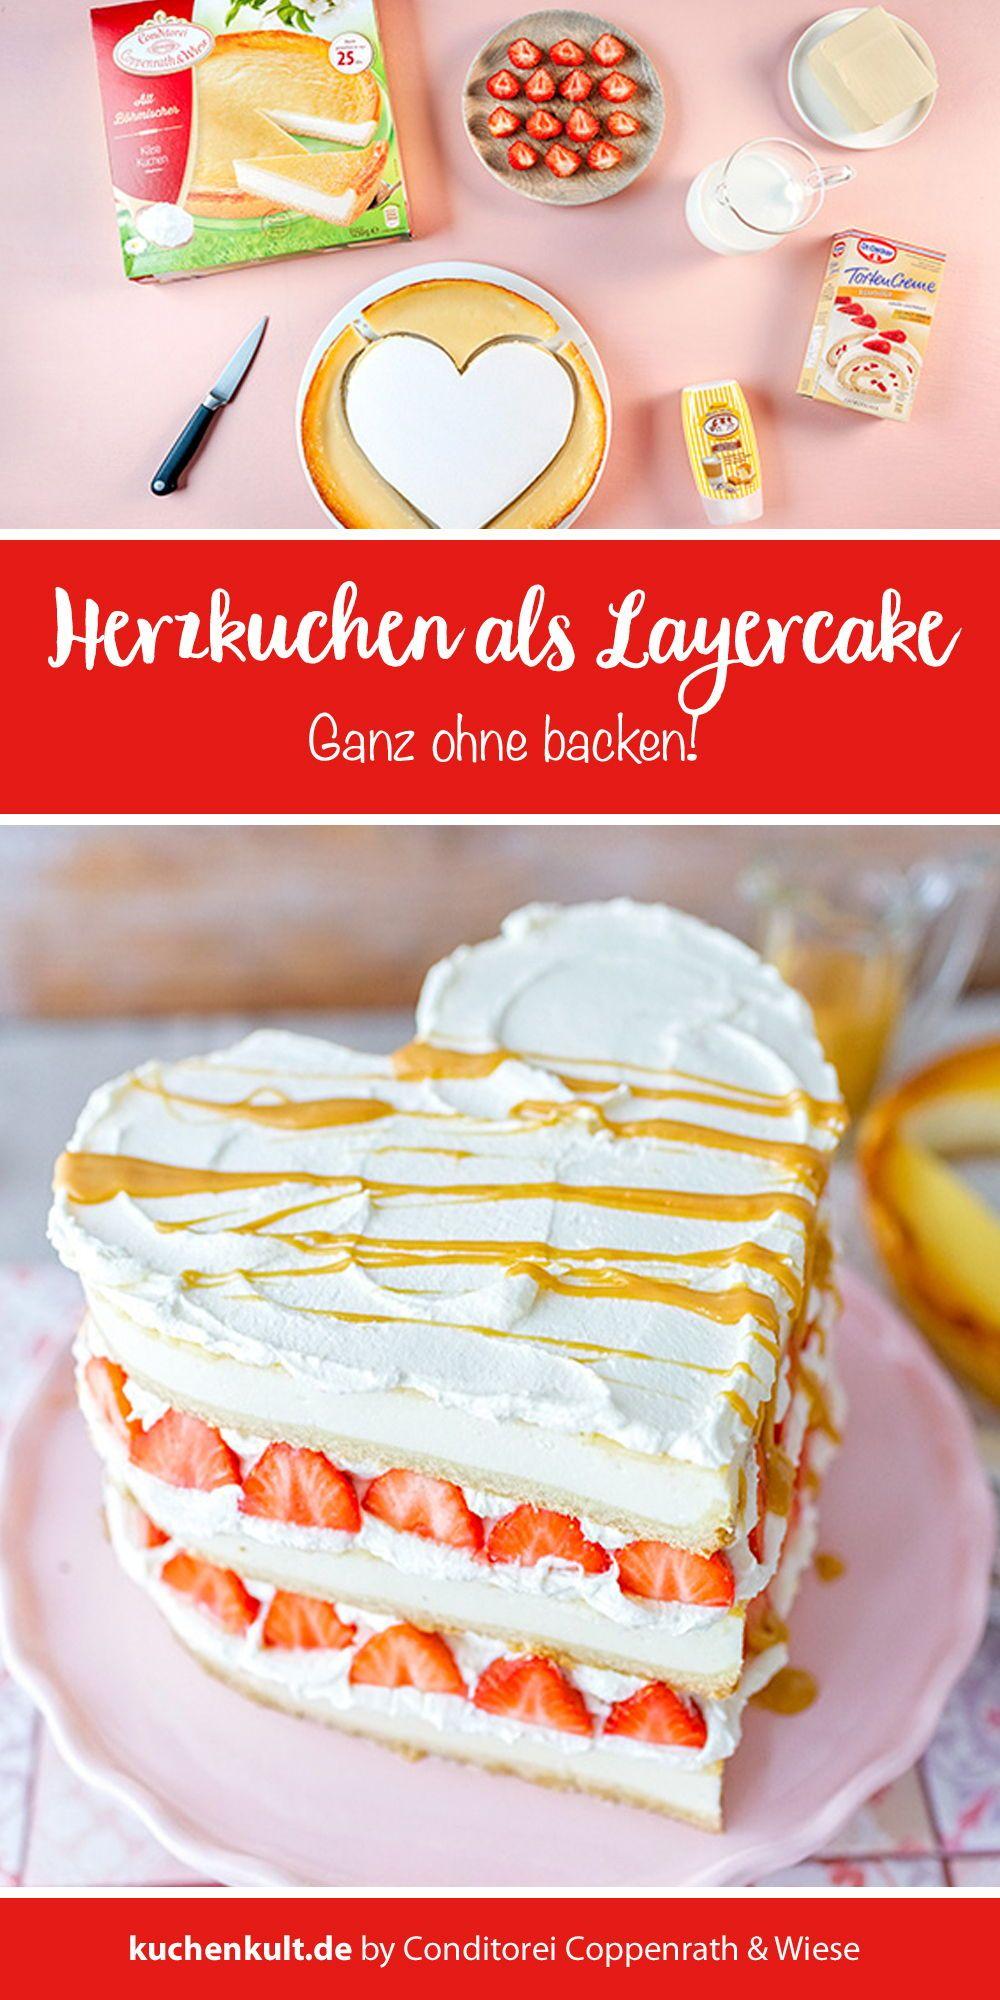 Triple Cheesecake Erdbeer Toffee Zum Valentinstag Valentinstag Kuchen Kuchen Und Torten Und Kuchen Rezepte Einfach